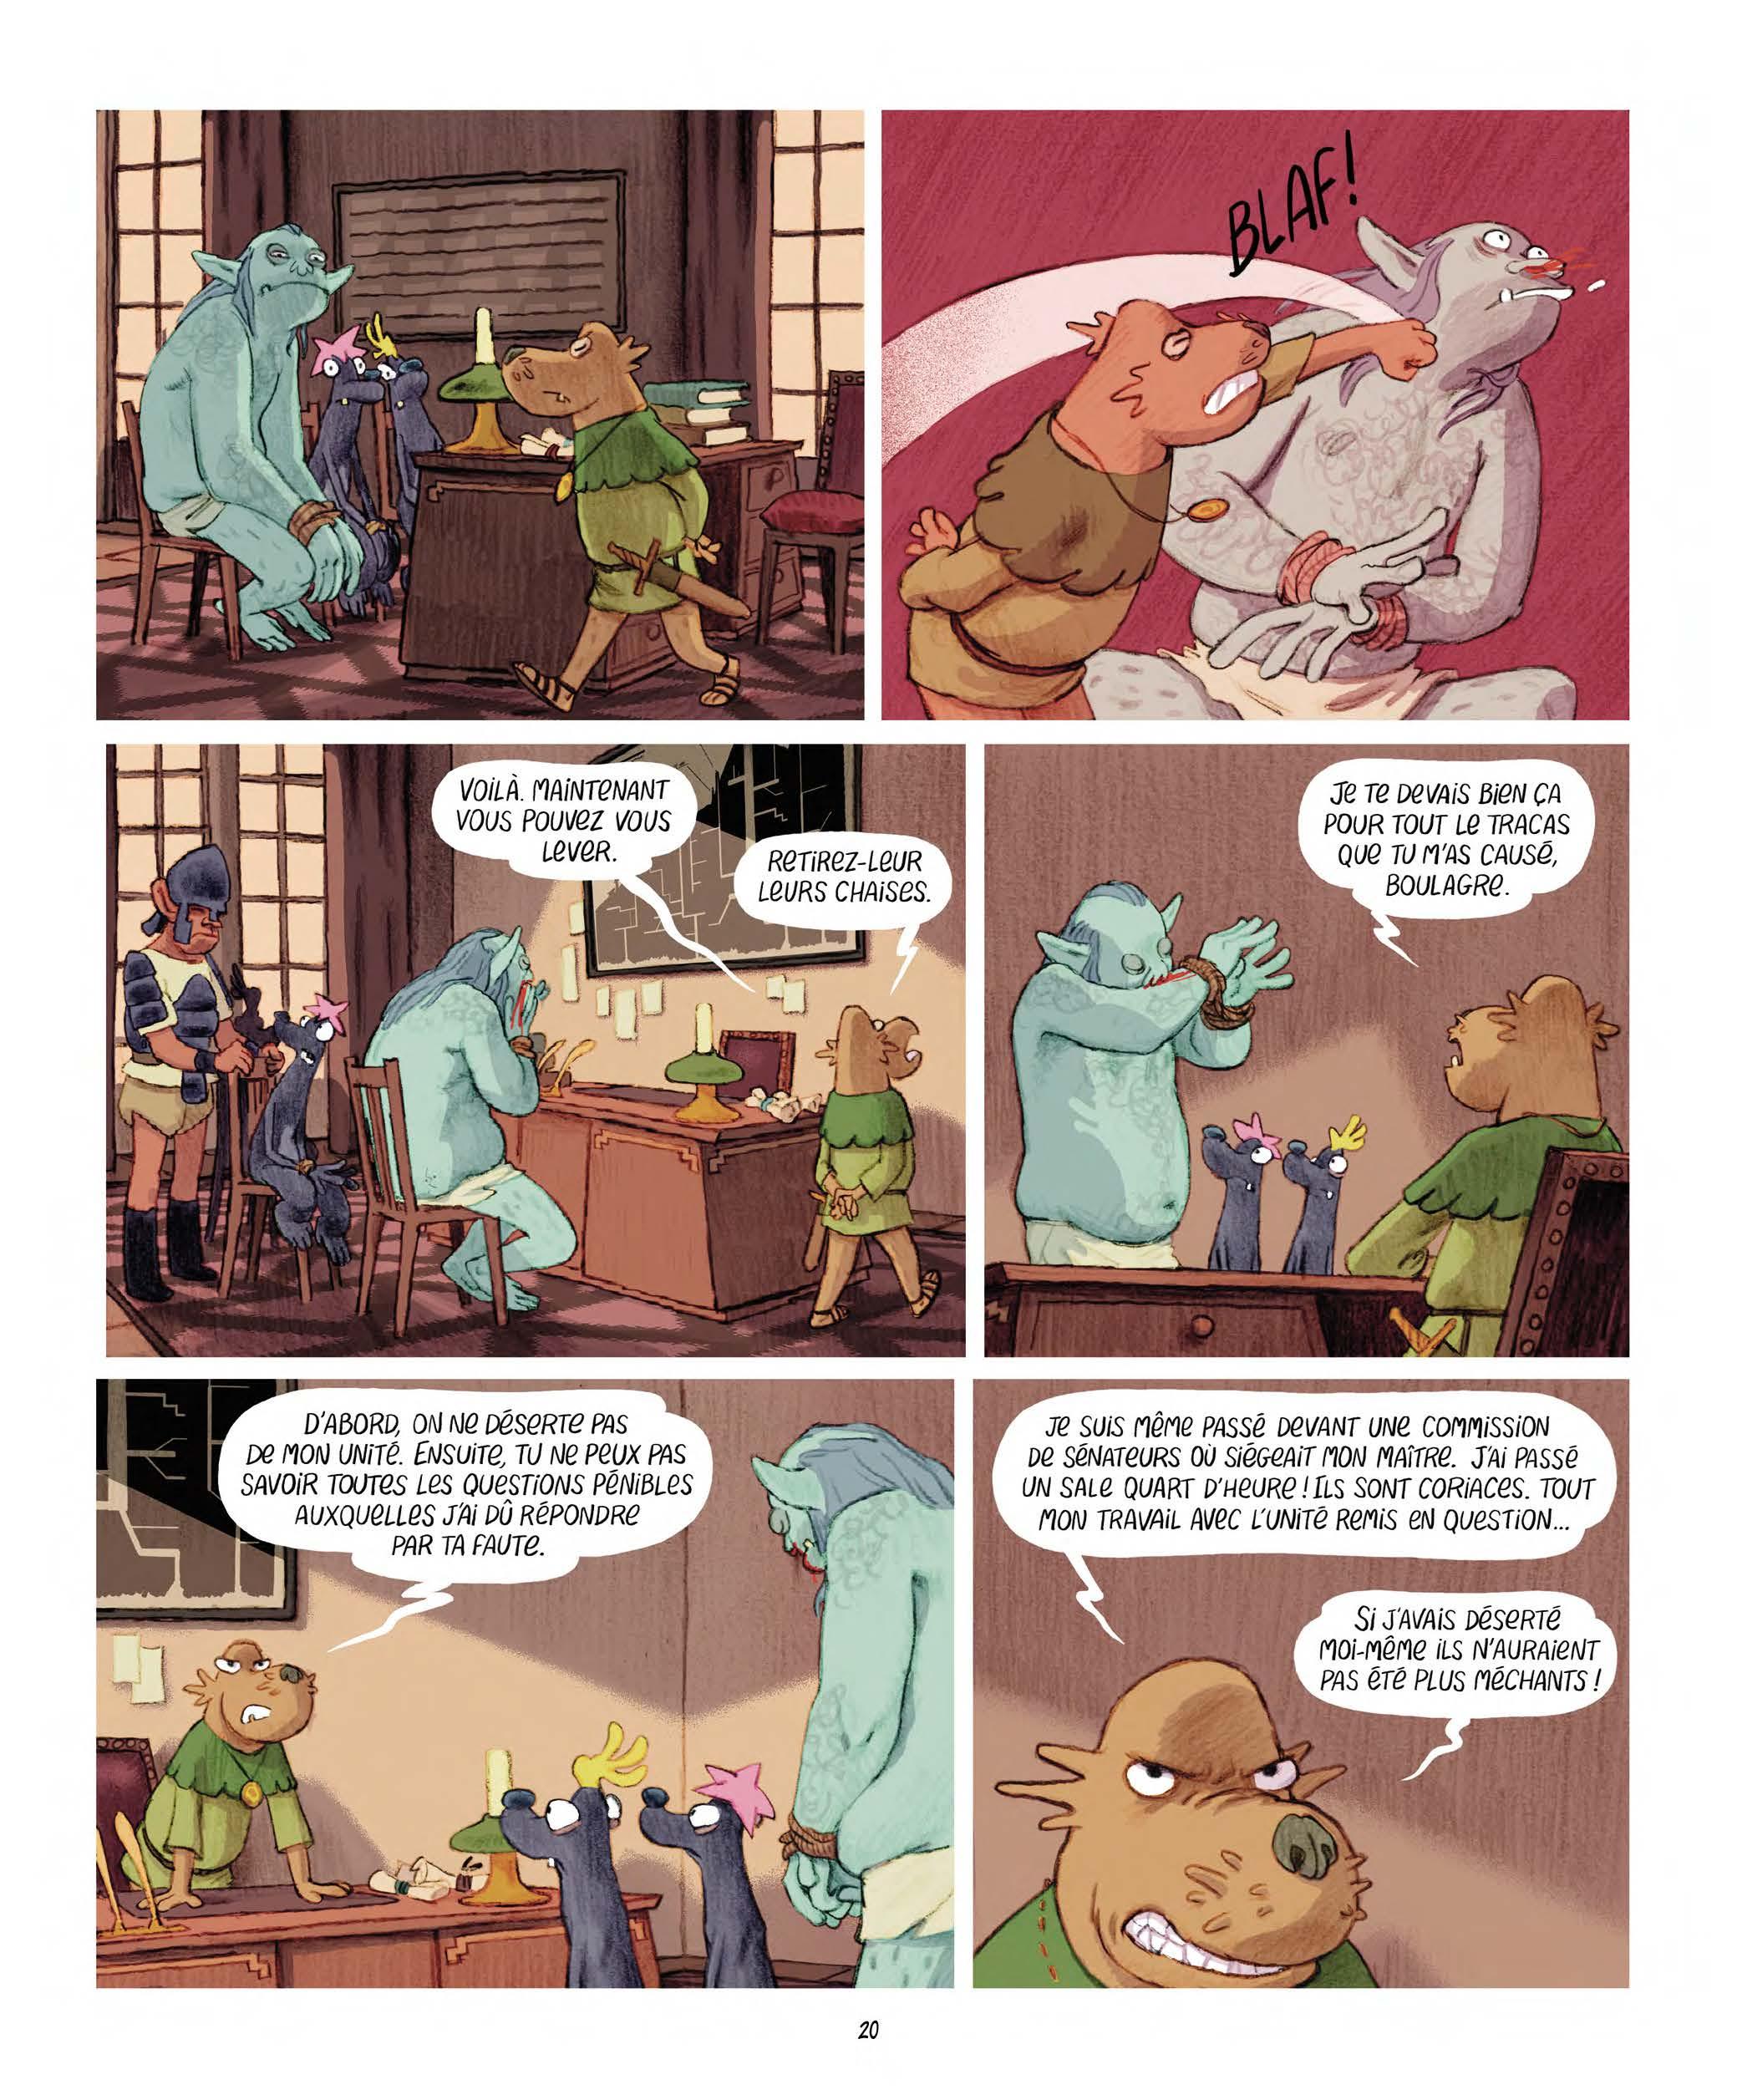 Extrait n°12 Les Affamés 2 - Hum et Wouaf et la triste mine  - Le retour d'hum et wouaf dans les mines de mignon par Jean-Emmanuel Vermot-Desroches